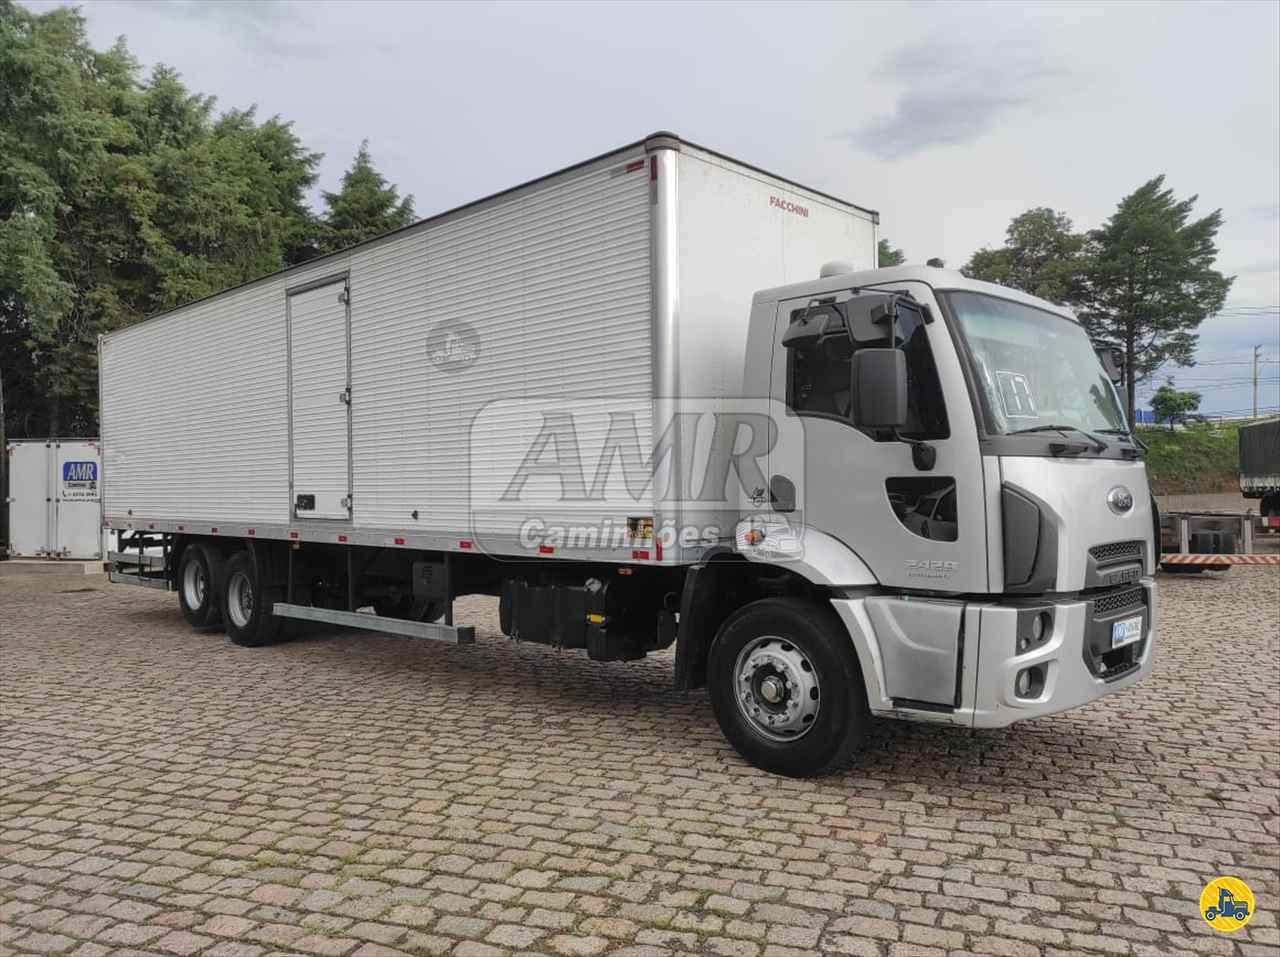 CAMINHAO FORD CARGO 2429 Baú Furgão Truck 6x2 AMR Caminhões JUNDIAI SÃO PAULO SP